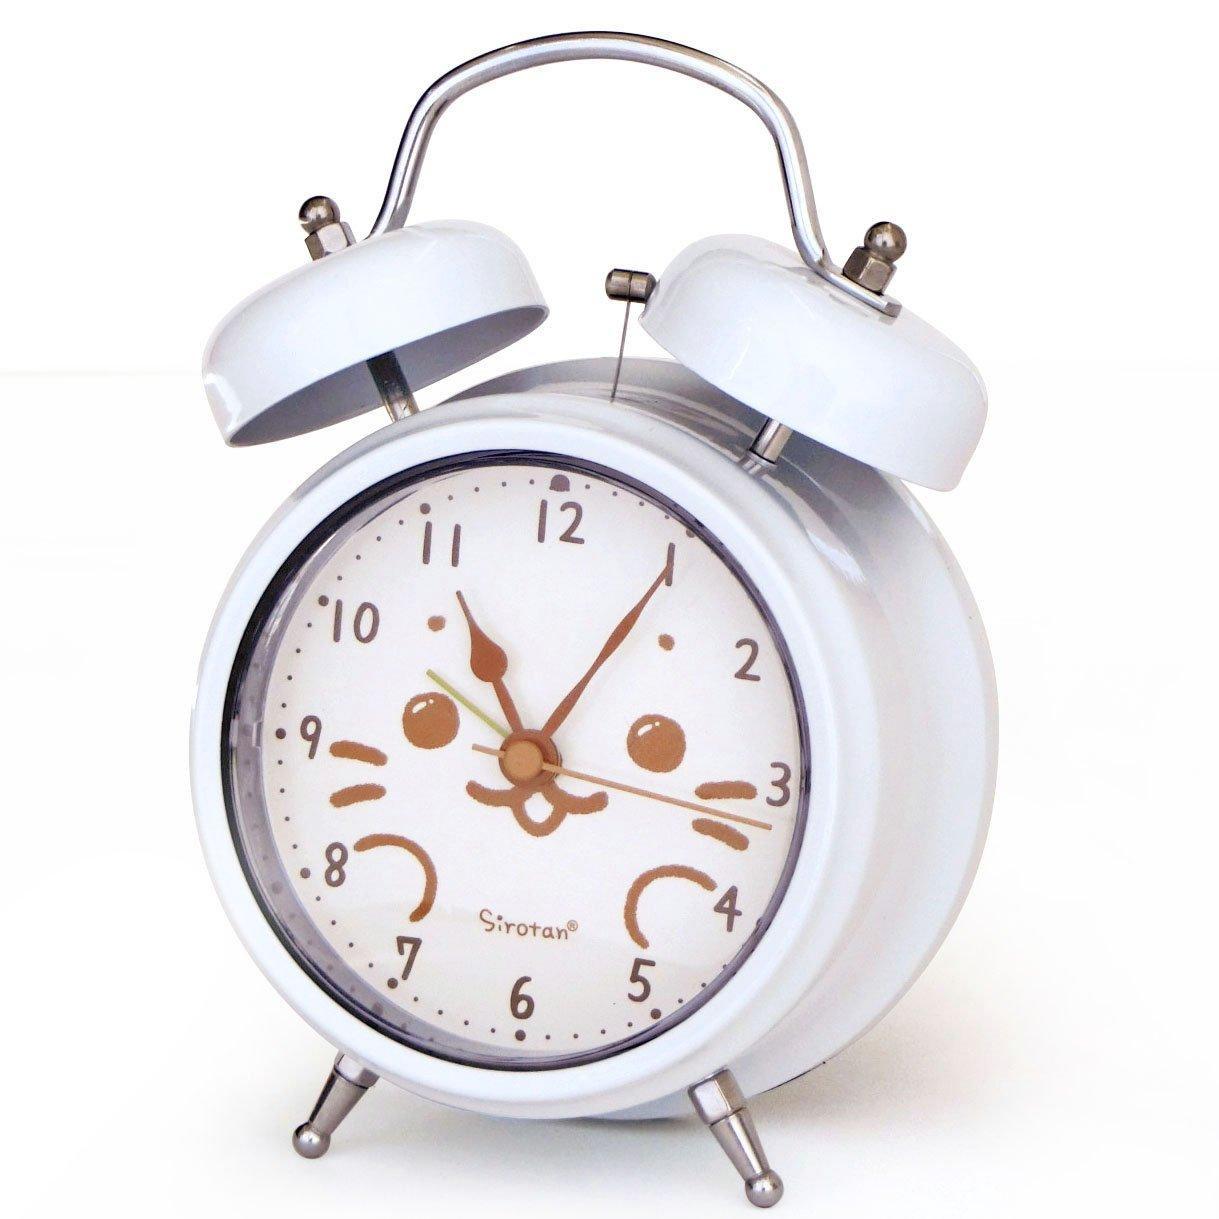 しろたん 目覚まし時計 メロディーアラーム「ぼくはしろたん」 B071D7BQ9J